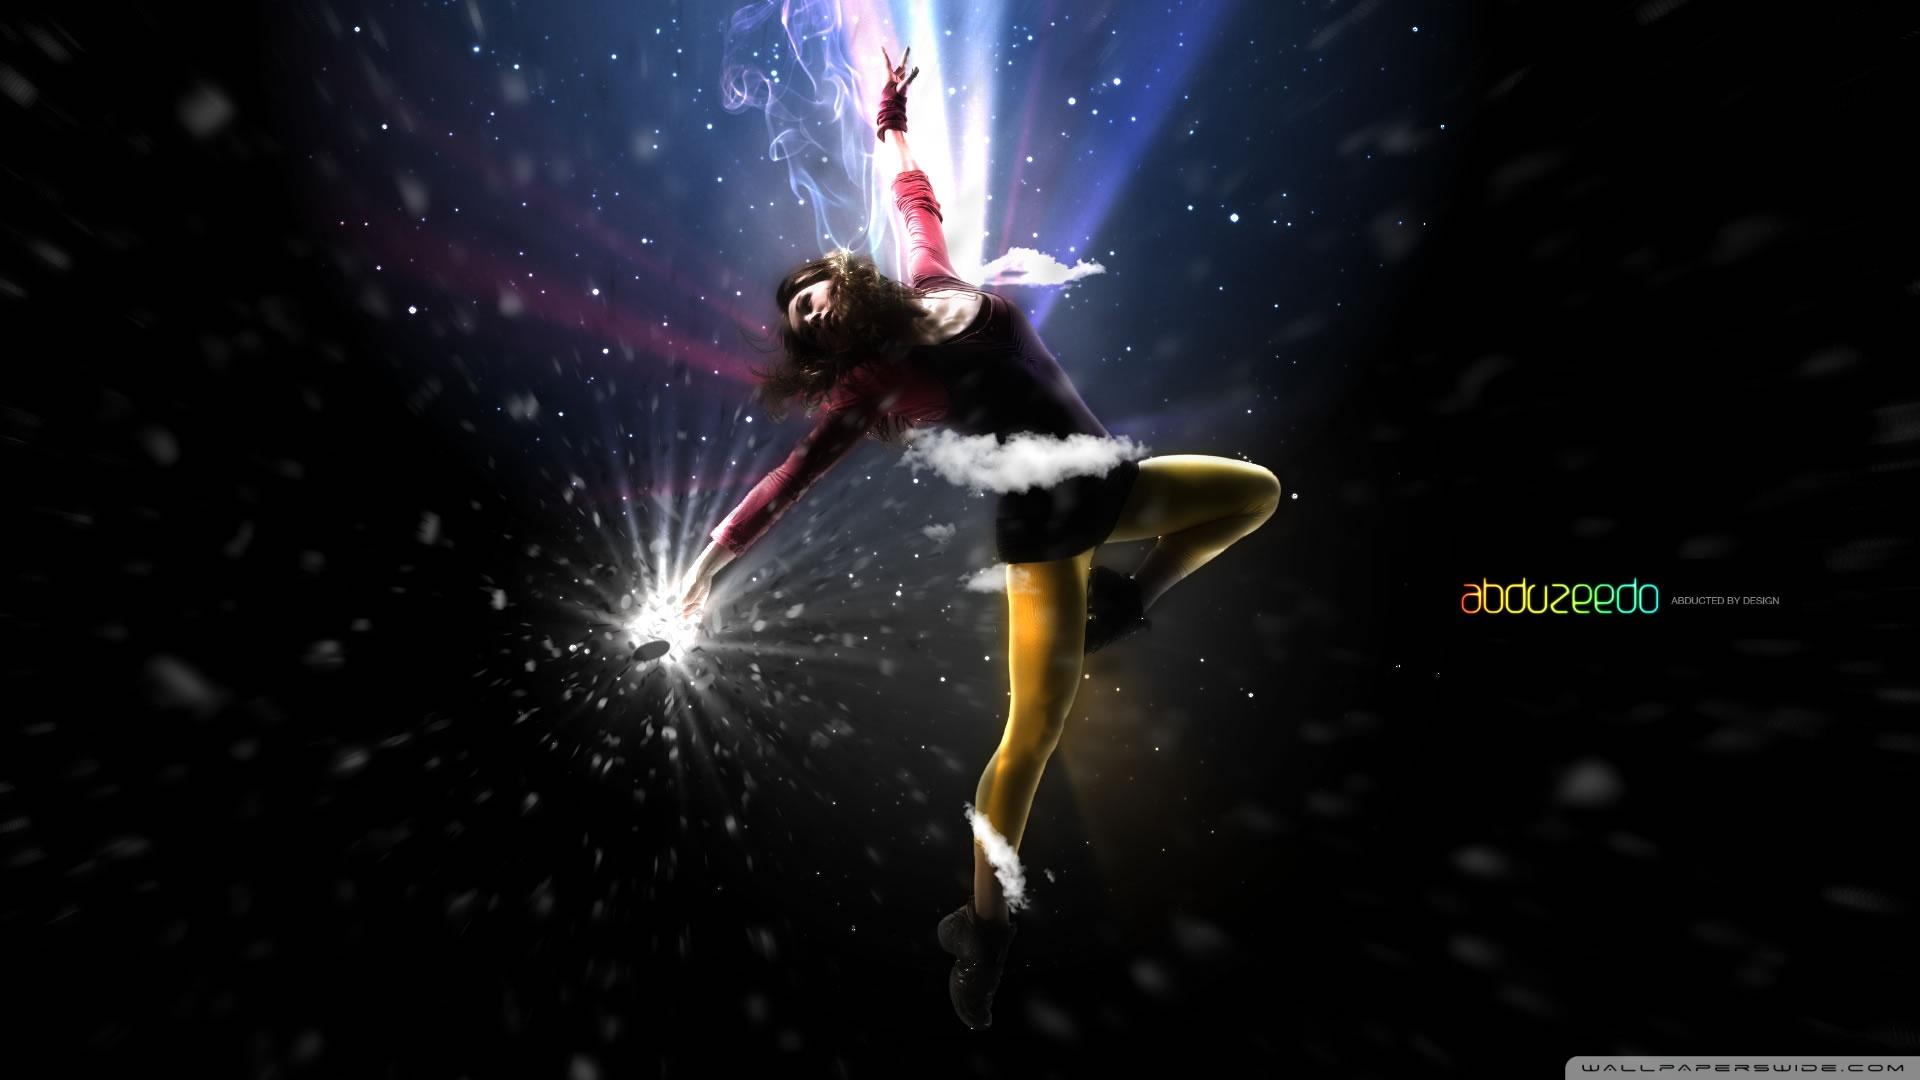 Dancing Girl HD desktop wallpaper : Widescreen : High Definition